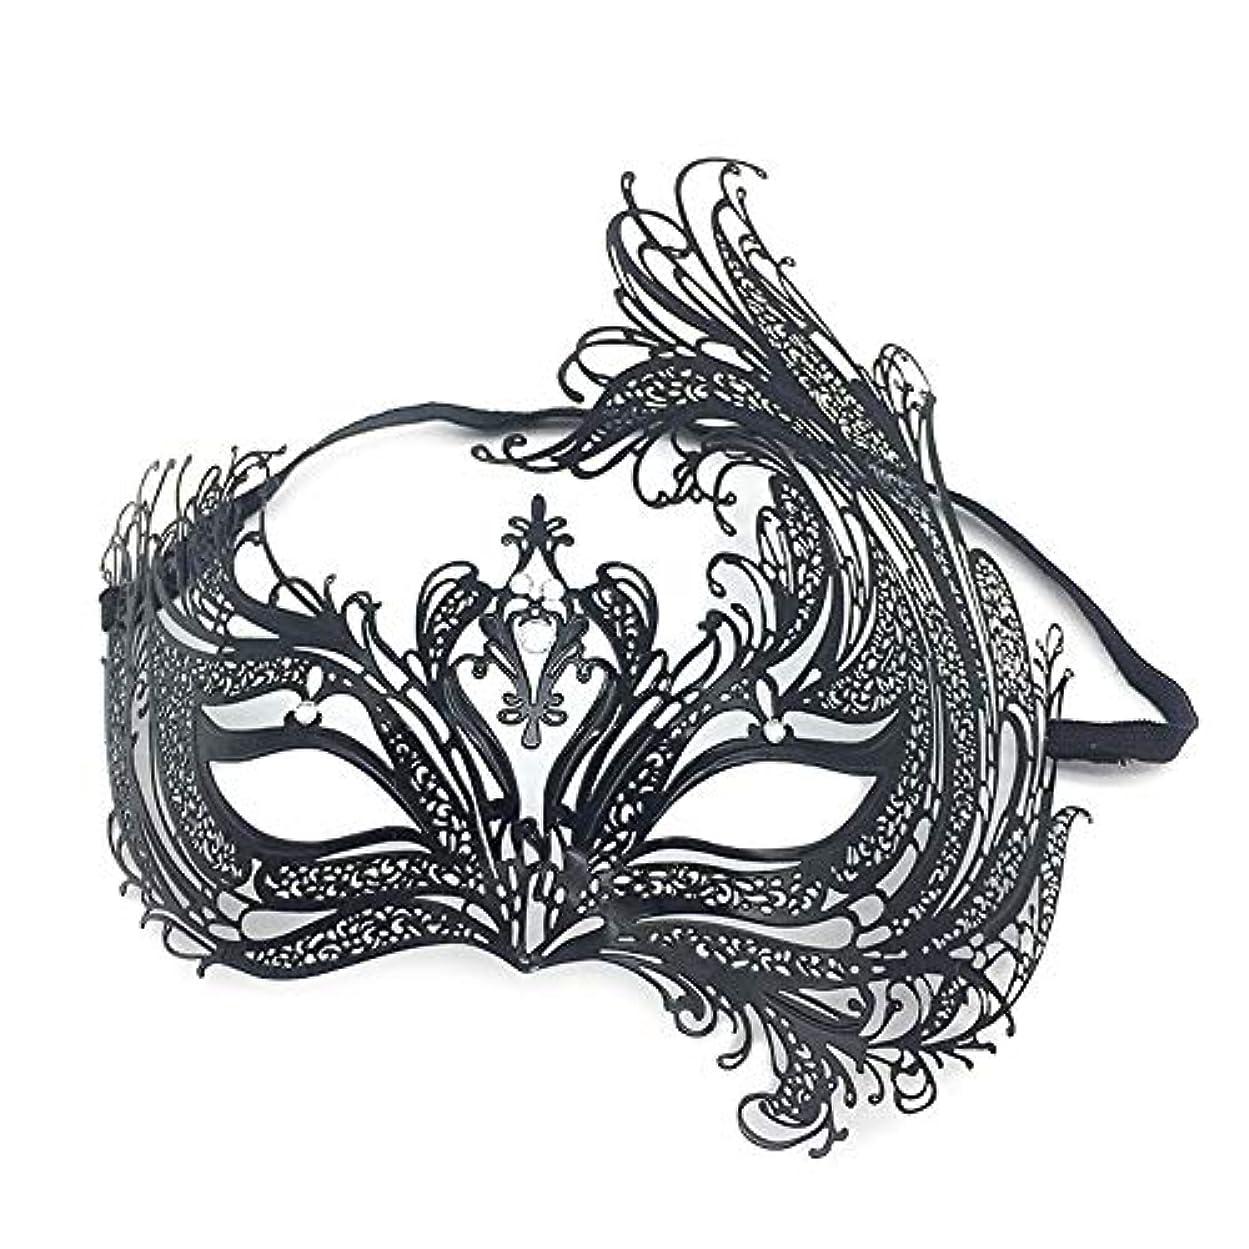 作成する包帯マイクロフォンダンスマスク 仮面舞踏会パーティーブラックセクシーハーフフェイスフェニックスハロウィーンロールプレイングメタルマスクガール ホリデーパーティー用品 (色 : ブラック, サイズ : 20x19cm)